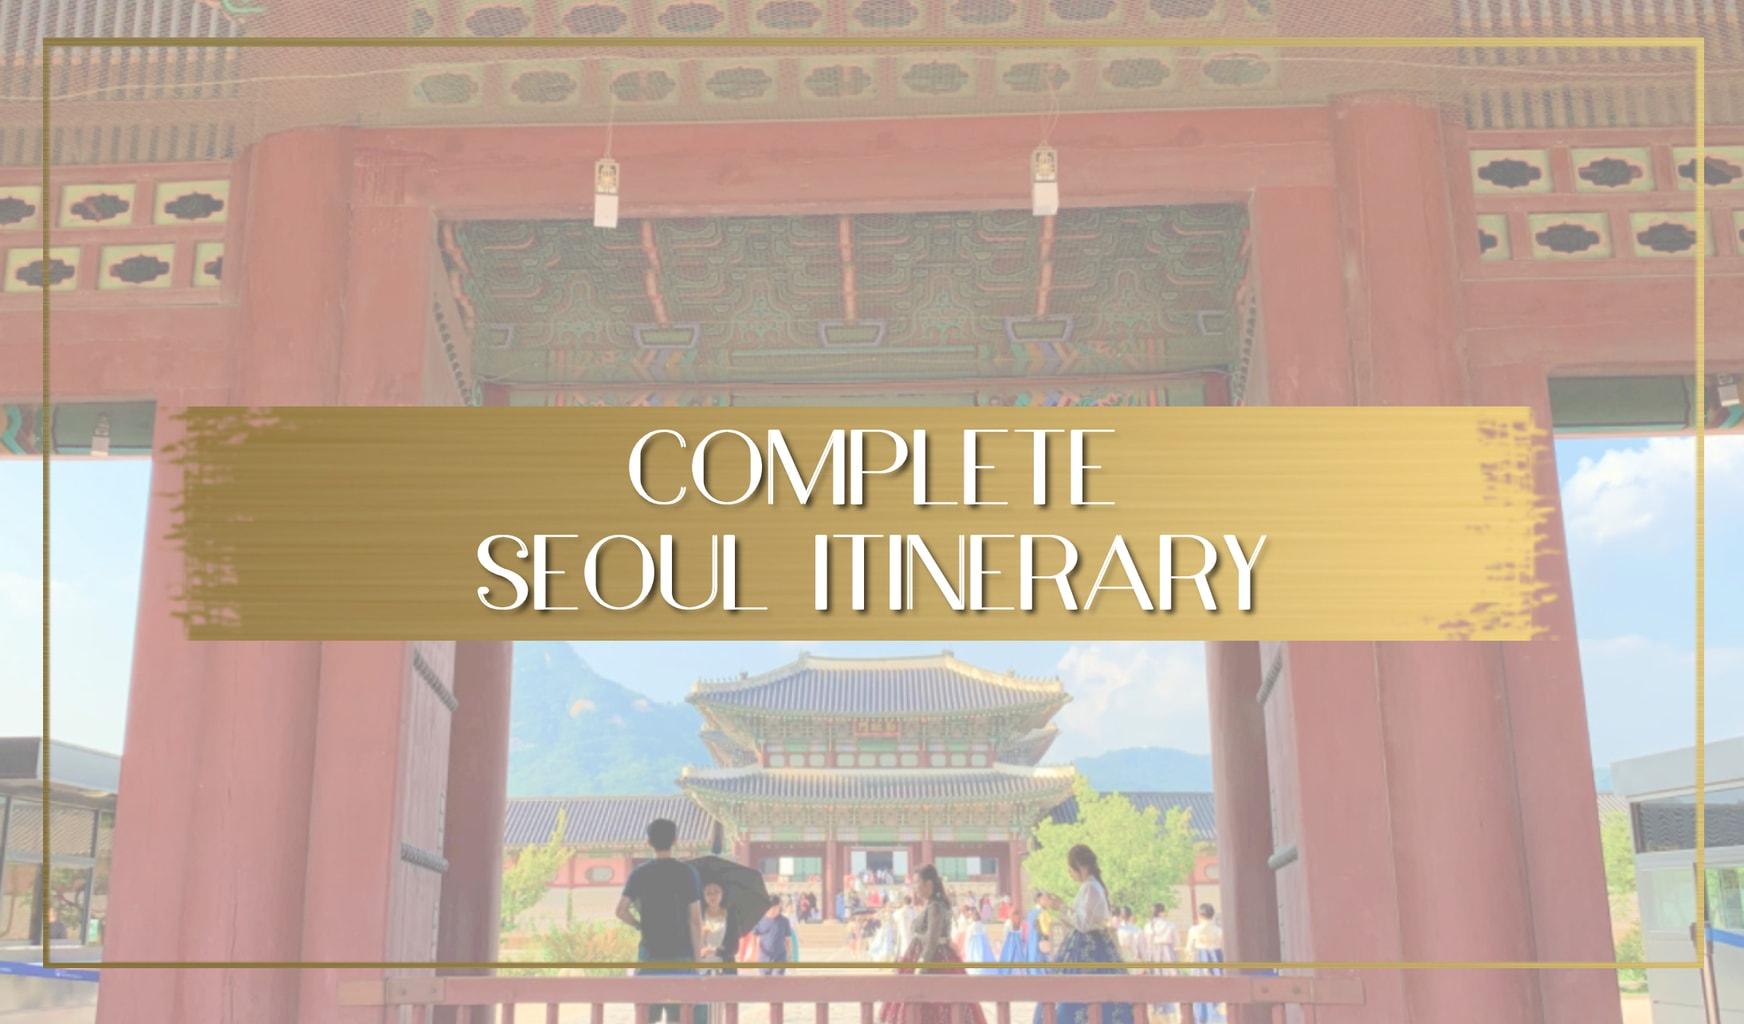 Seoul itinerary main